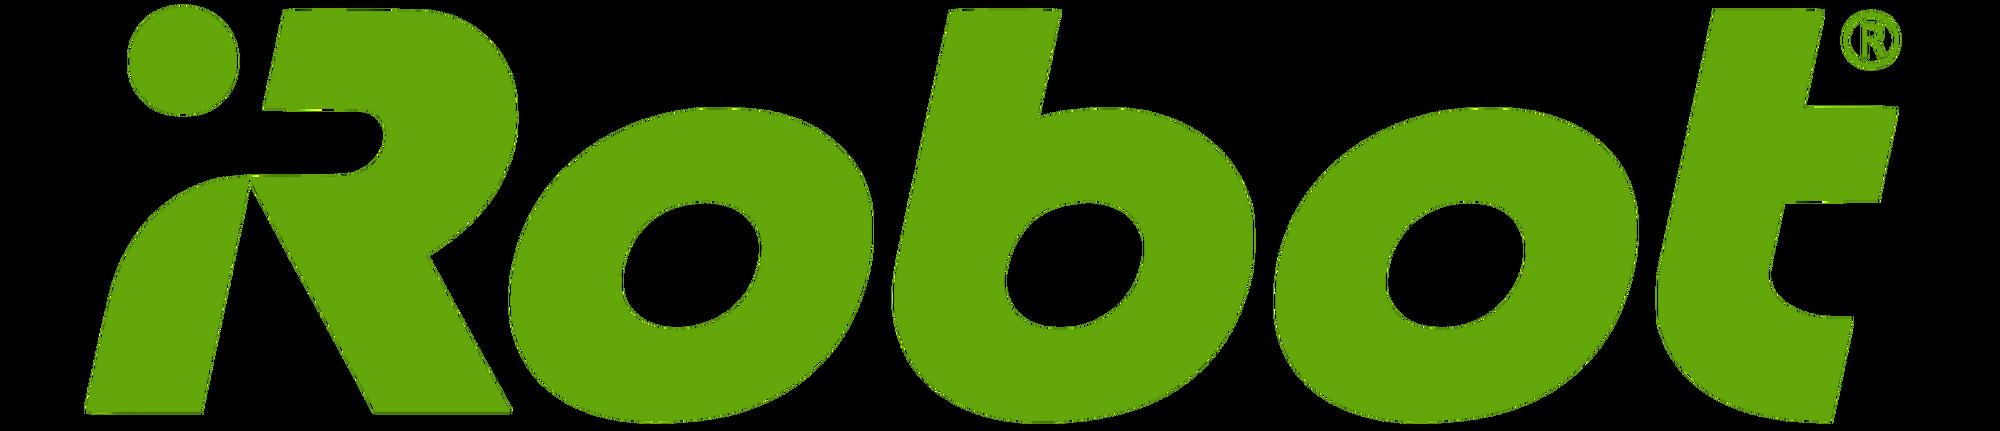 Irobot Logopedia Fandom Powered By Wikia